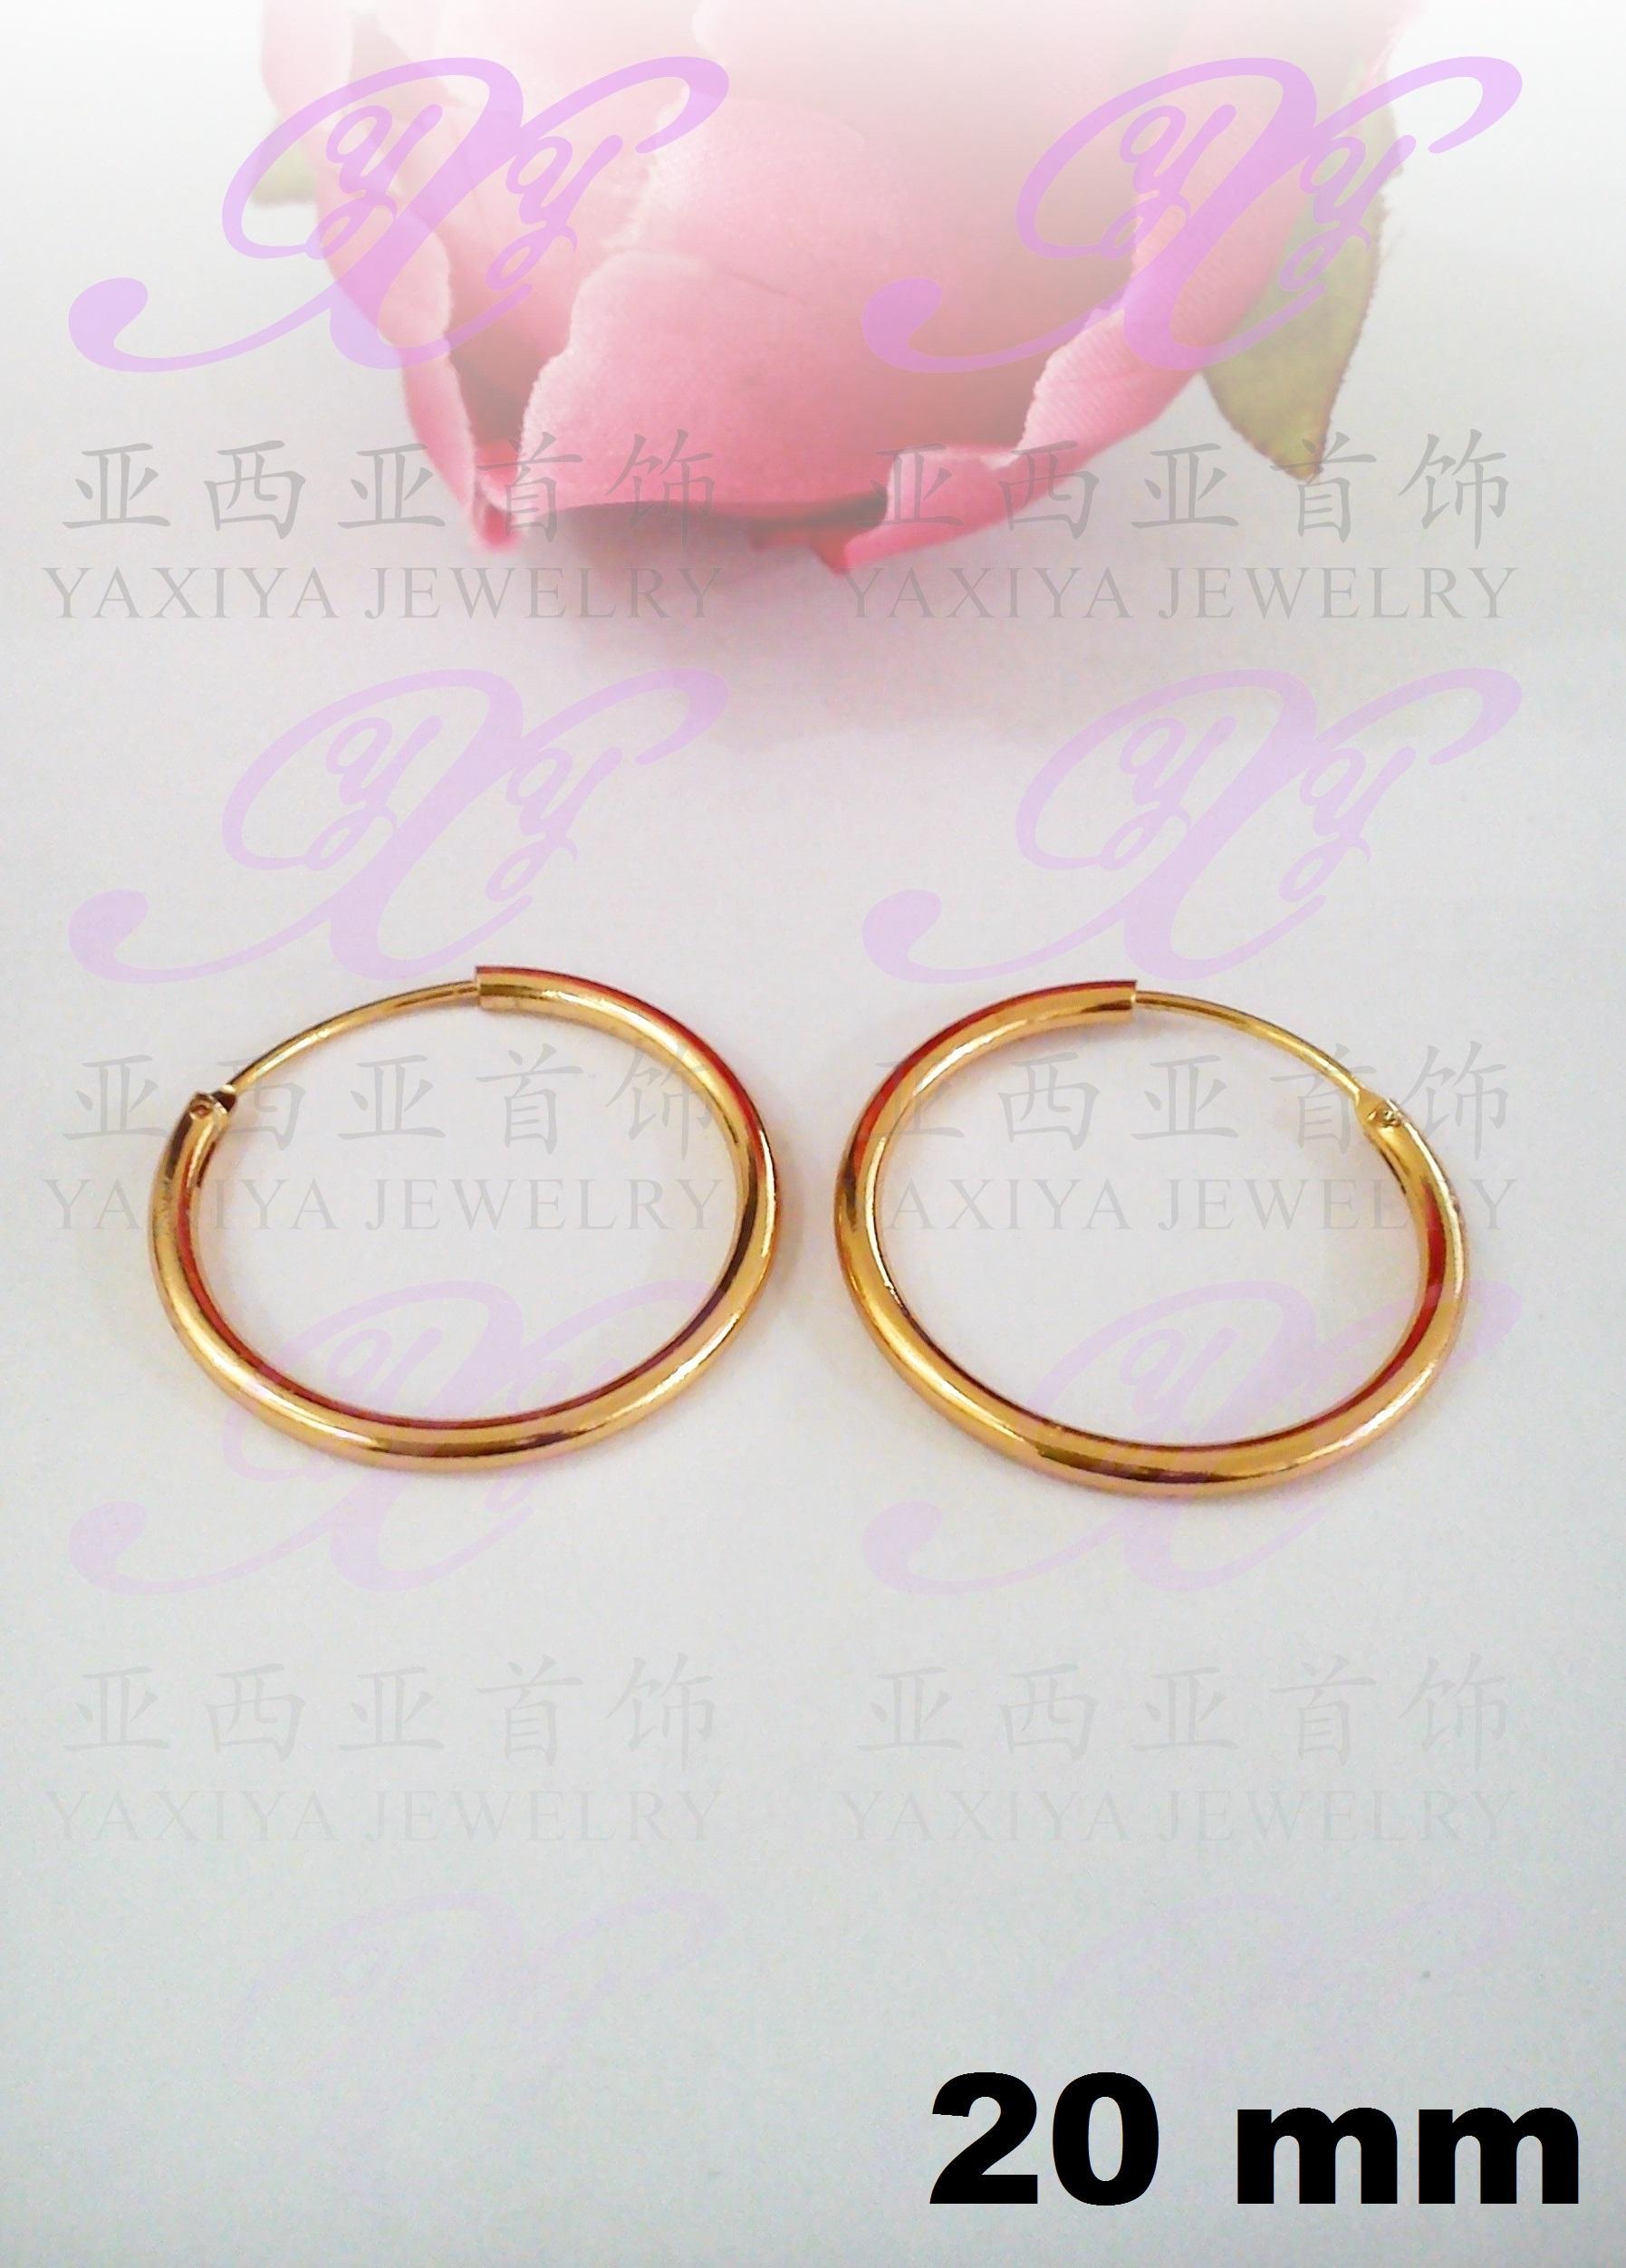 Yaxiya anting gipsy perhiasan imitasi lapis emas aksesoris gold18k 479